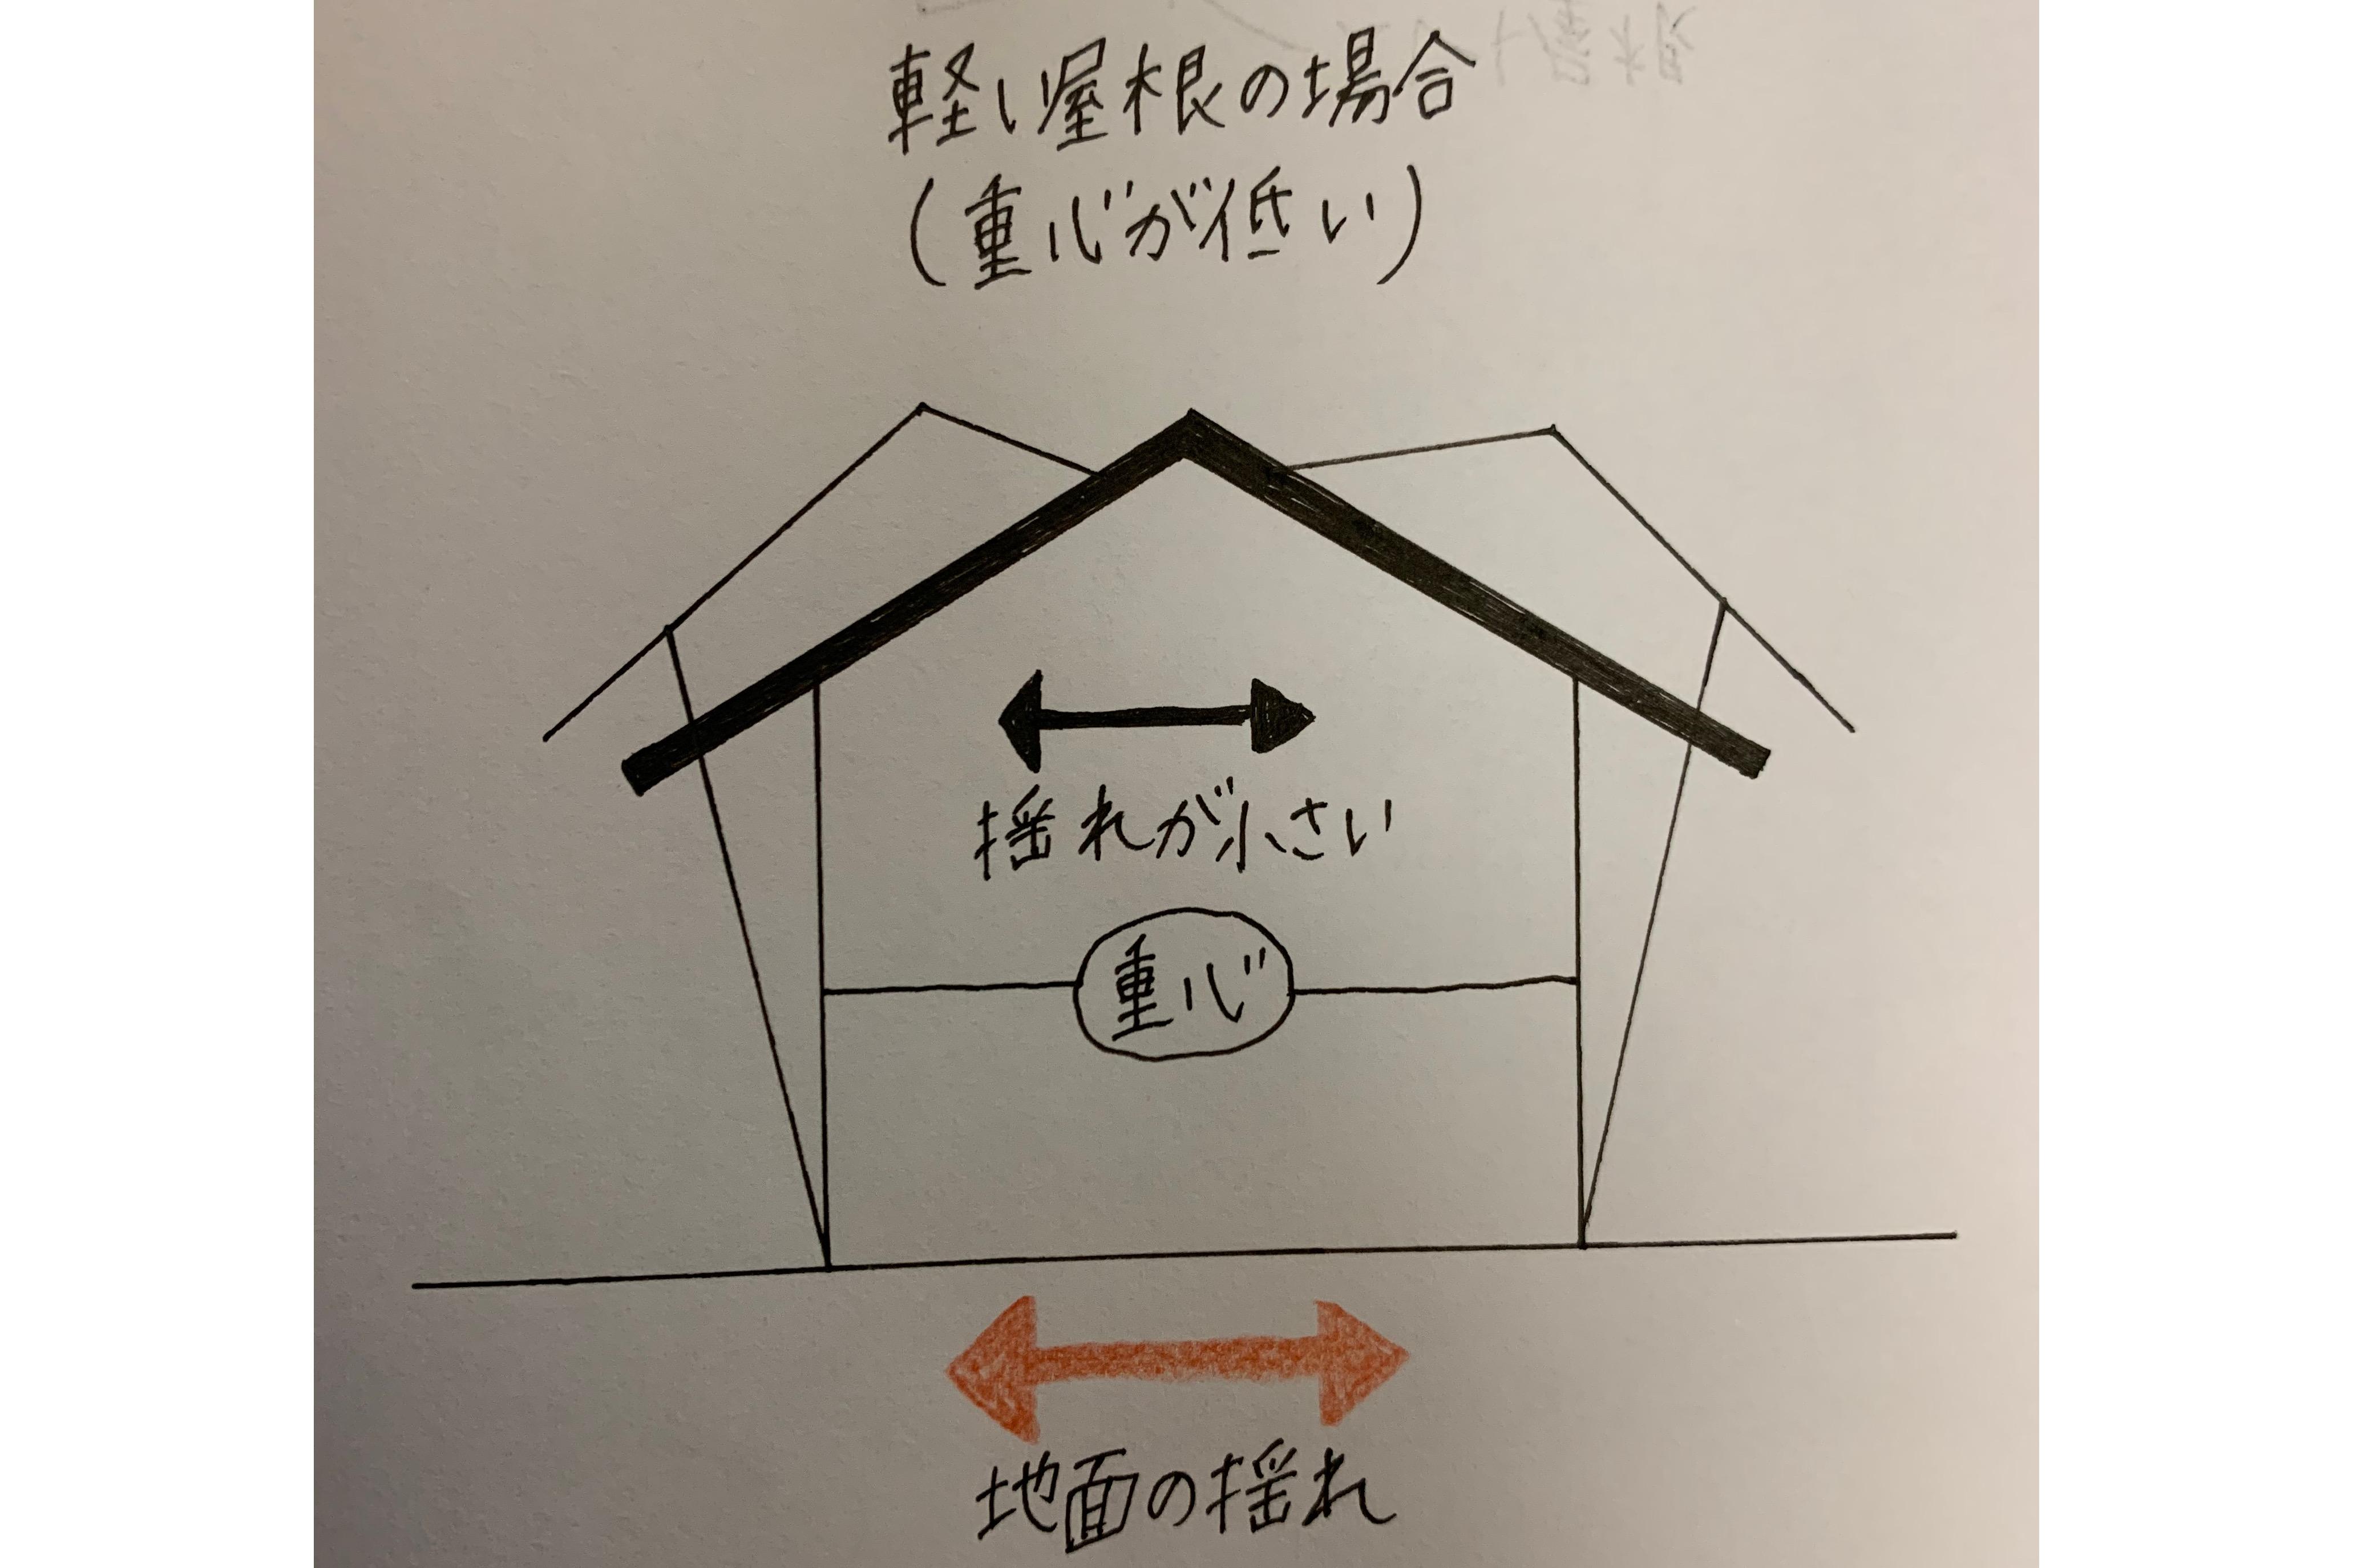 軽い屋根の場合揺れが小さい